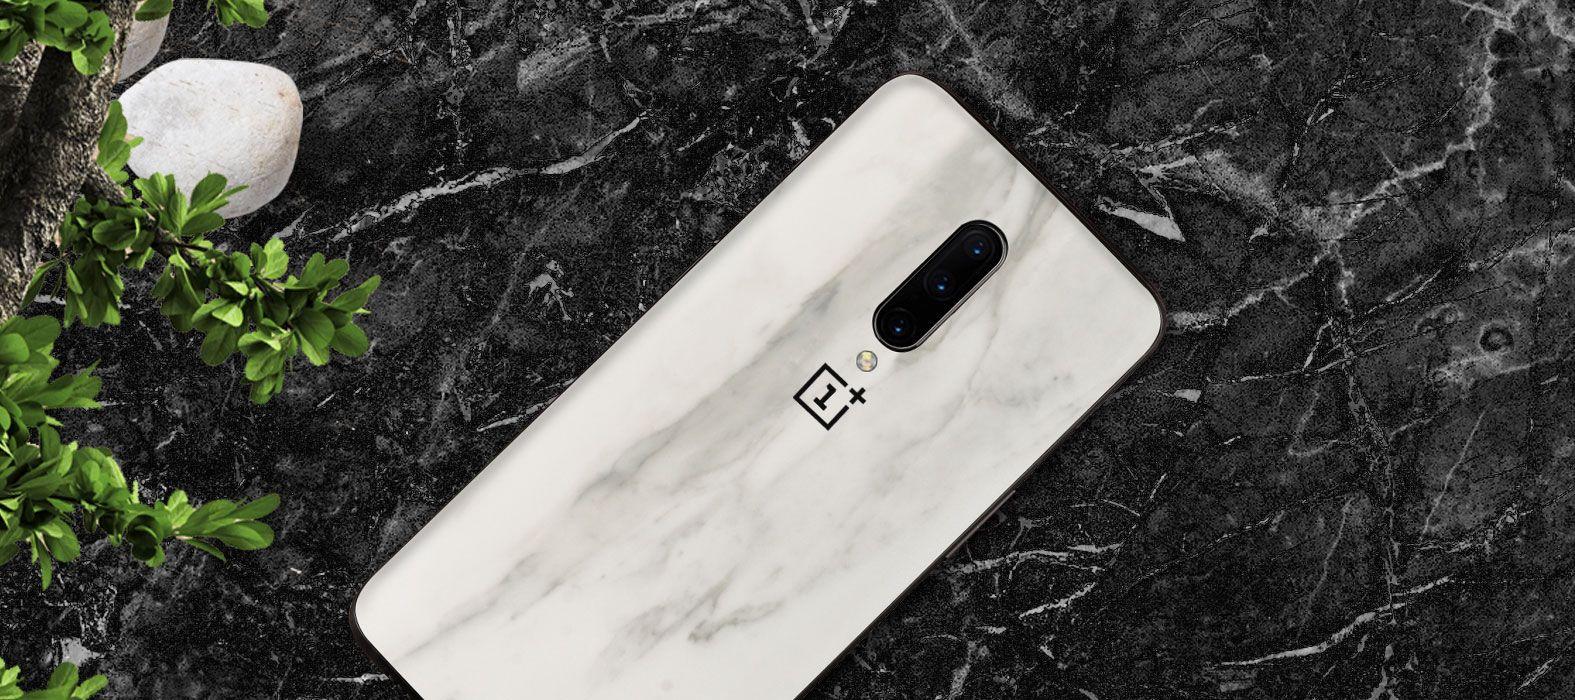 OnePlus7-Pro-White-Marble Skins